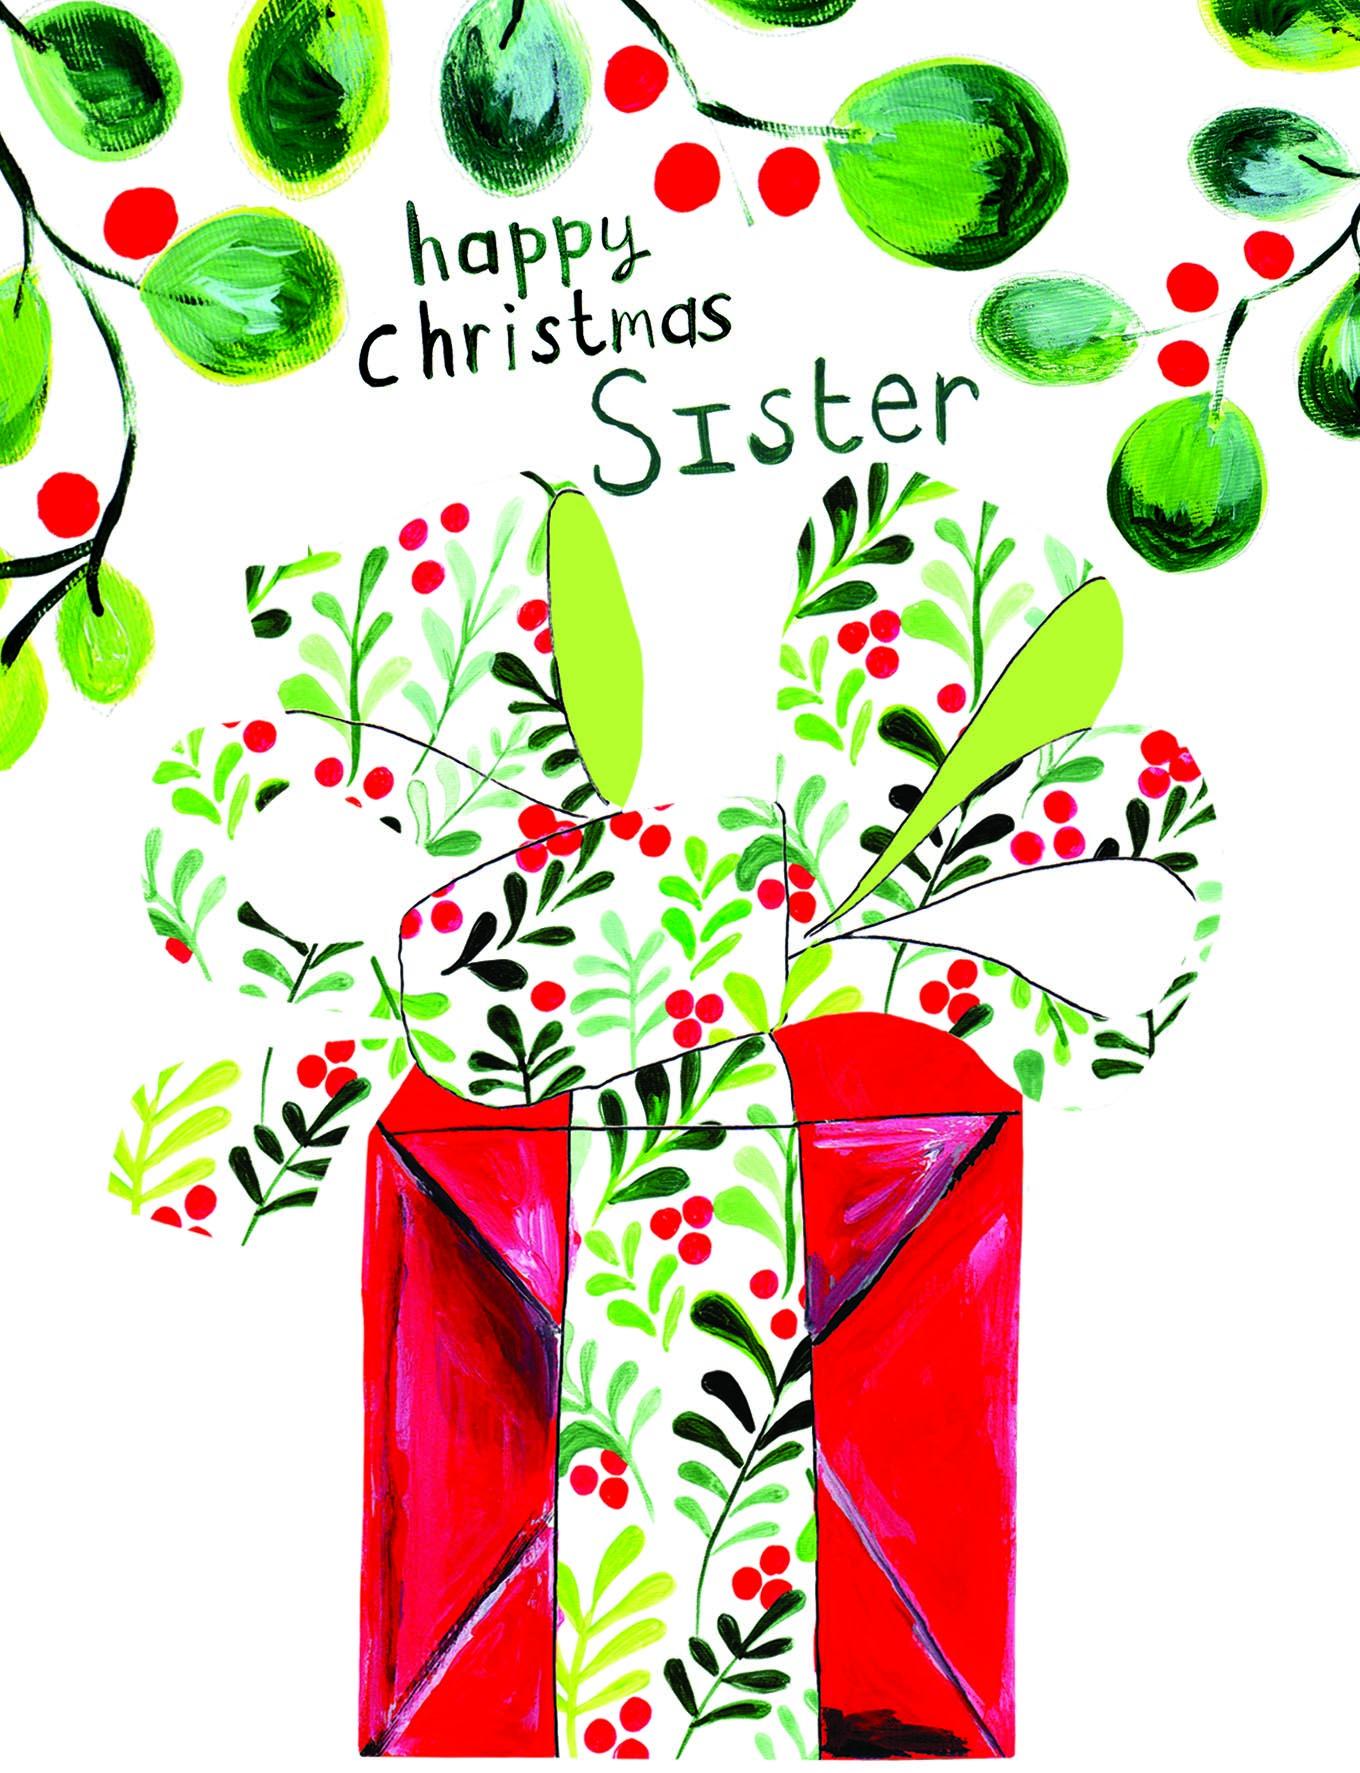 Merry Christmas Sister.Merry Christmas Sister Card